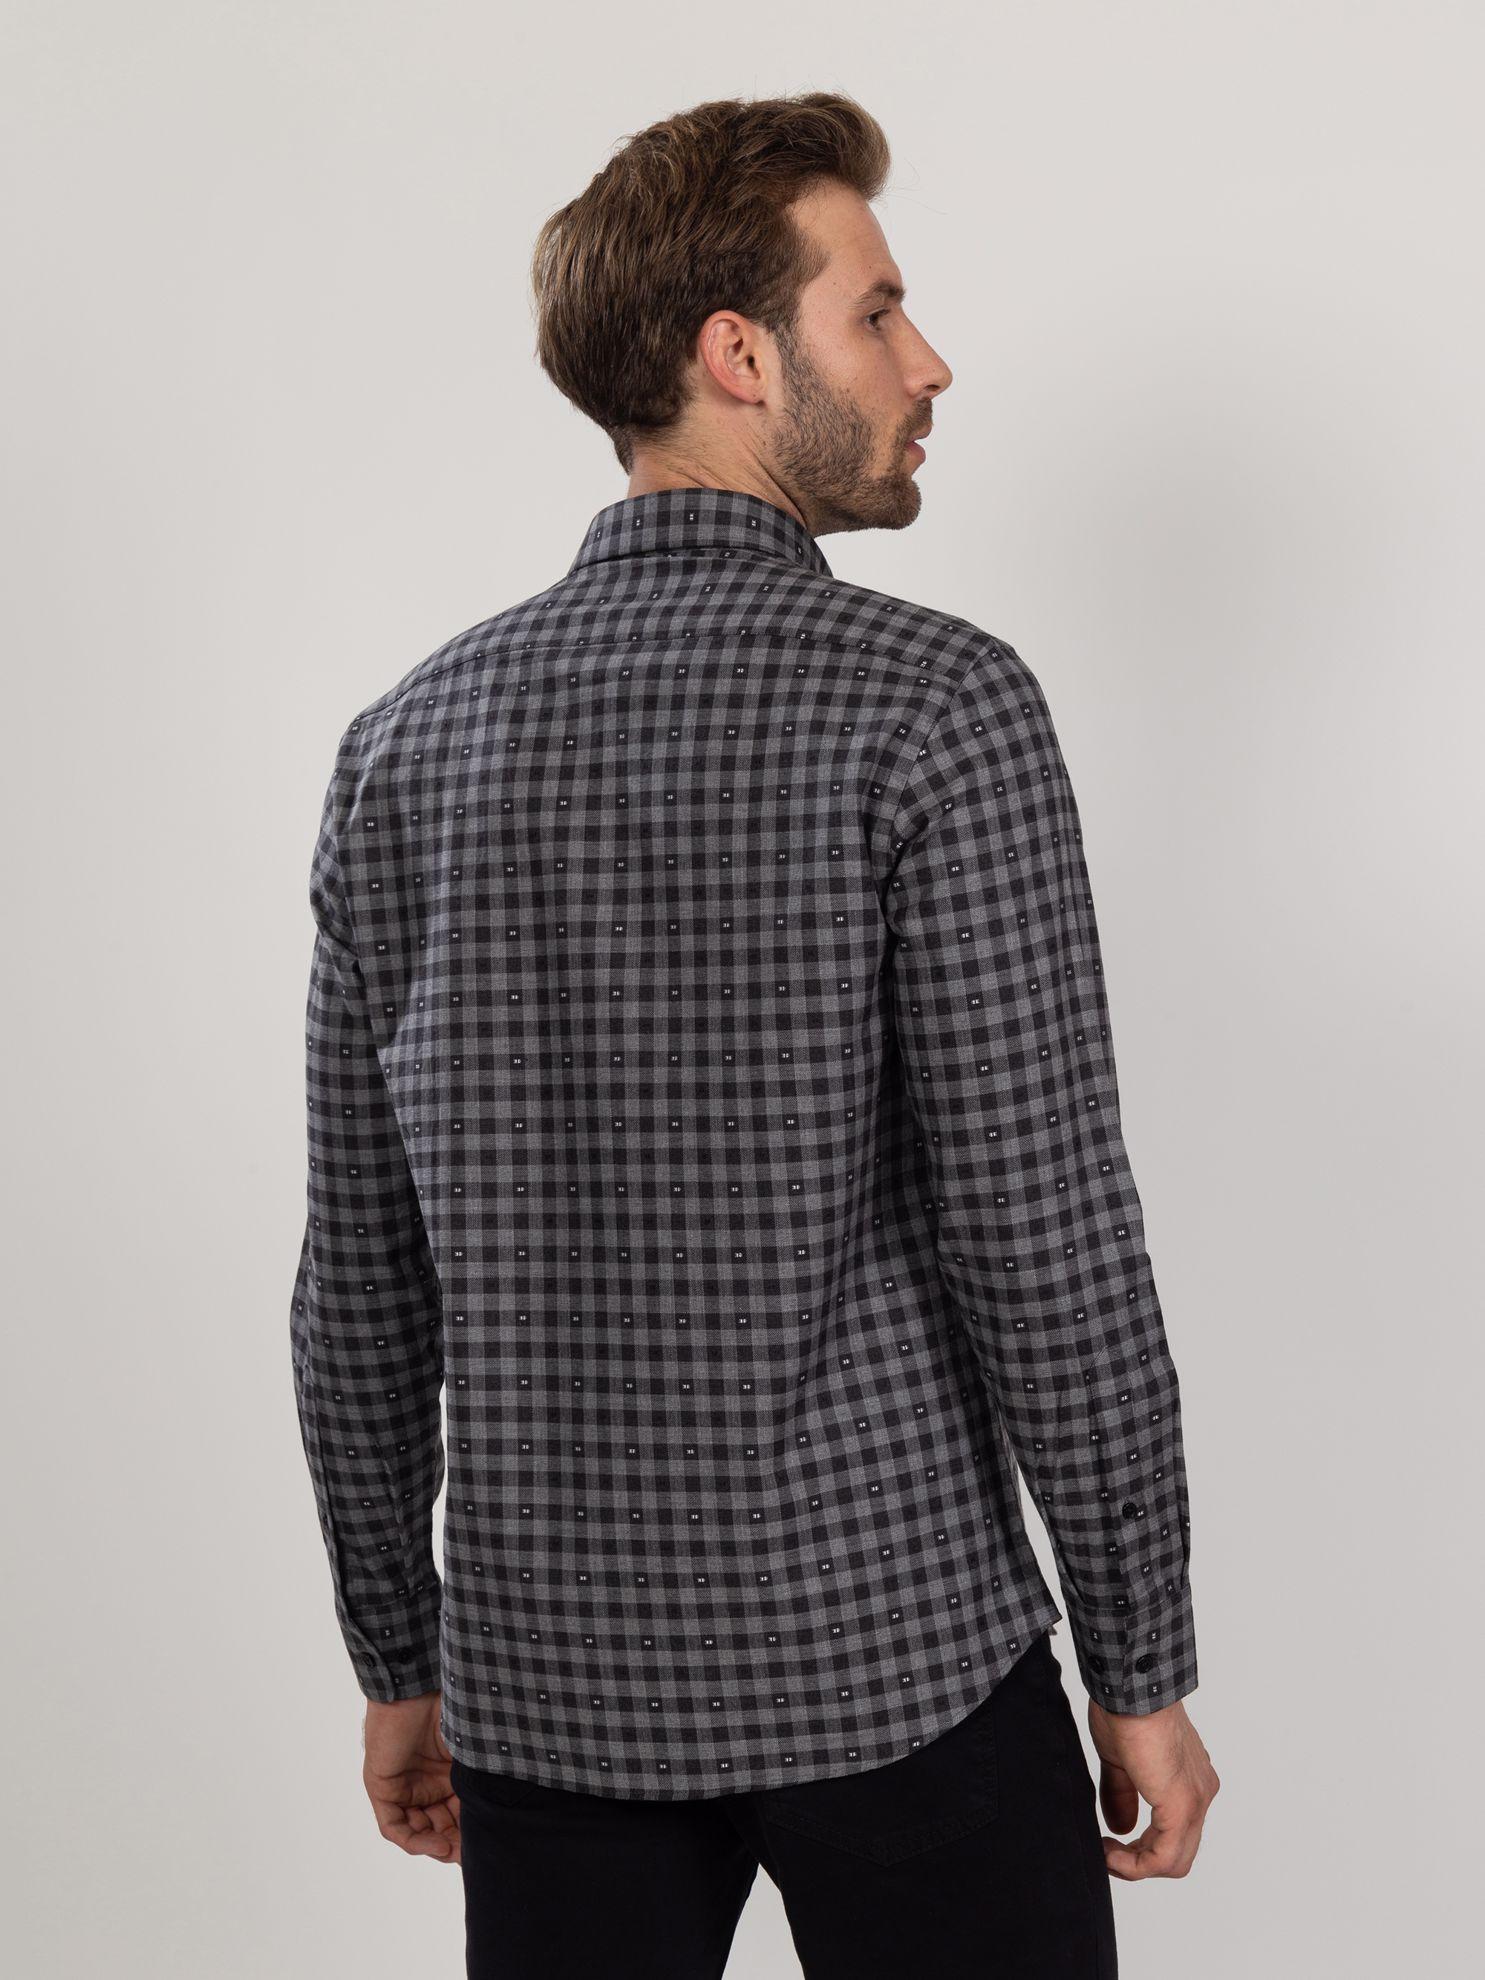 Karaca Erkek Regular Fıt Gömlek-Antrasit. ürün görseli